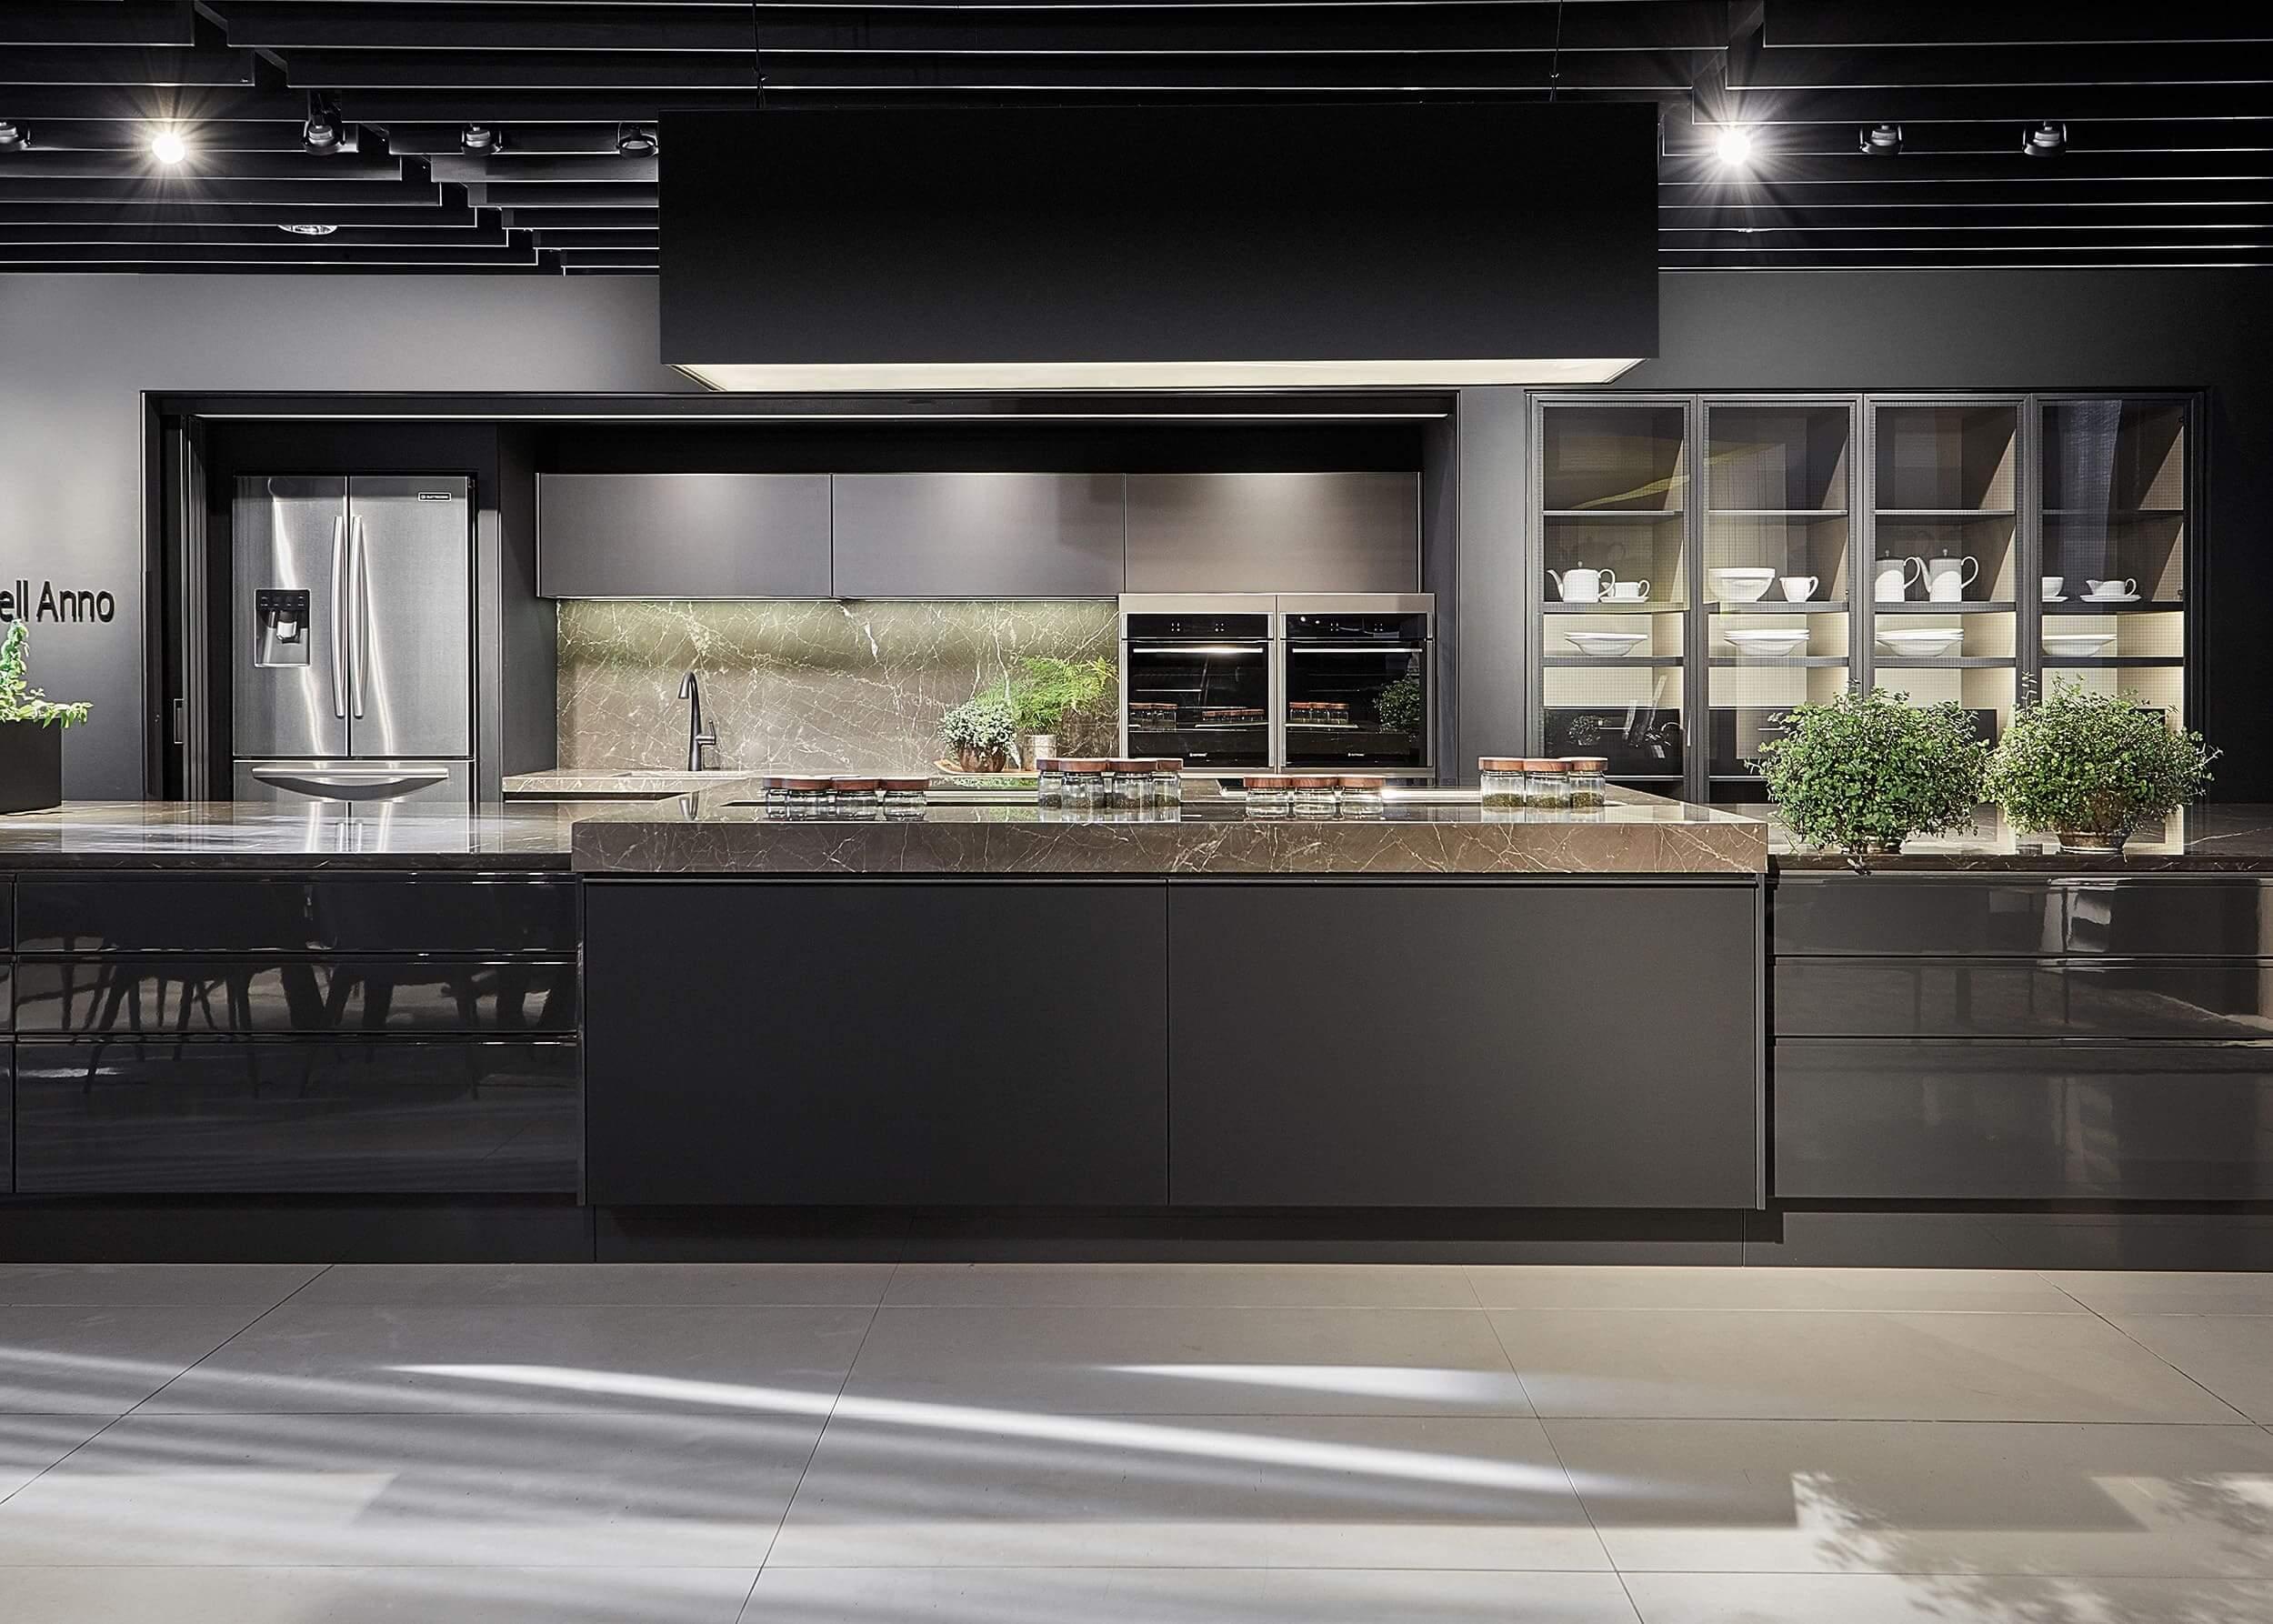 Cozinha Invisível Dell Anno Curitiba